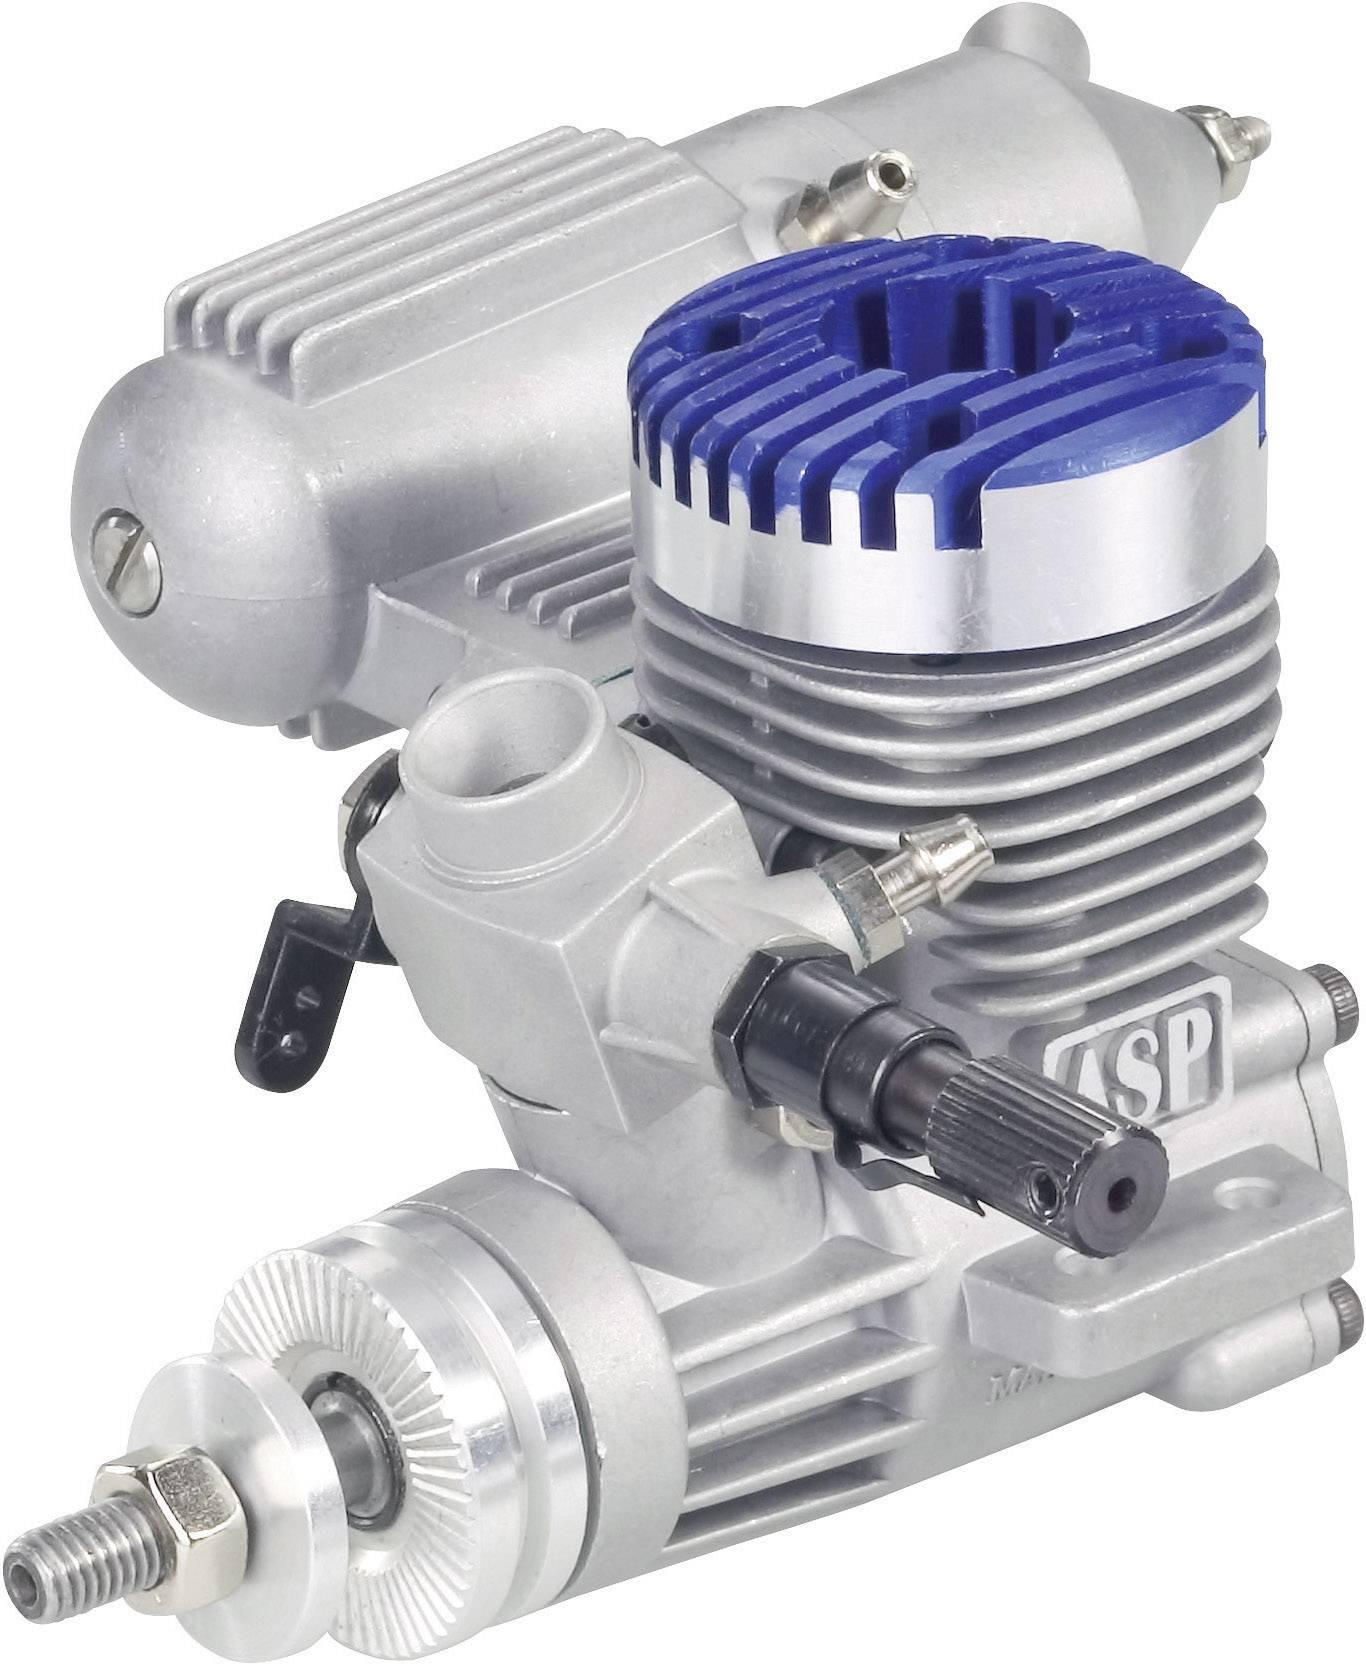 Motory k modelům